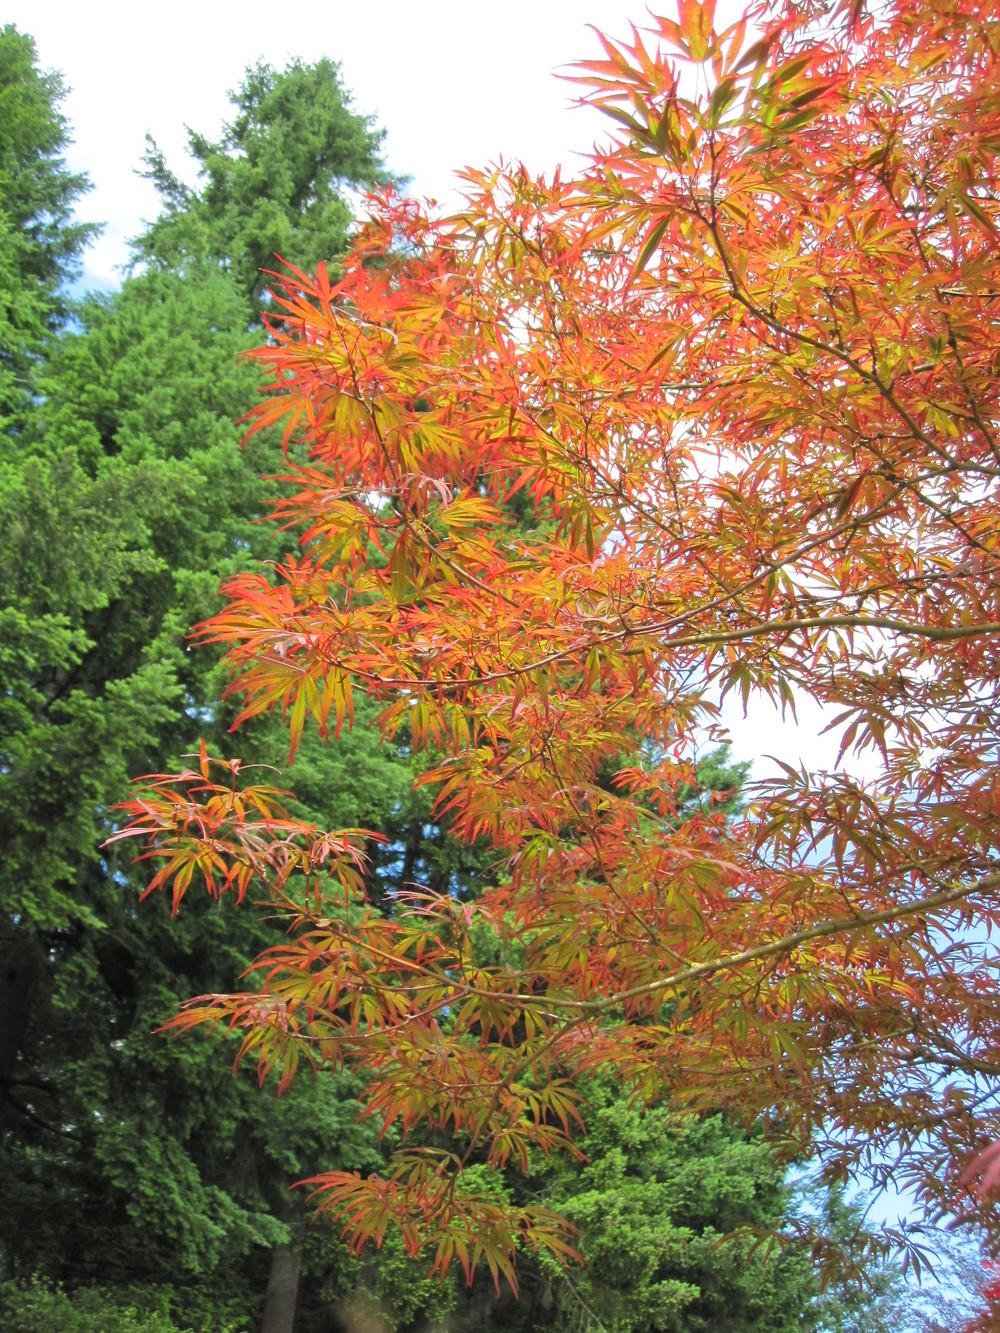 Acer p . 'Beni ubi gohon' specimen, spring leaf color